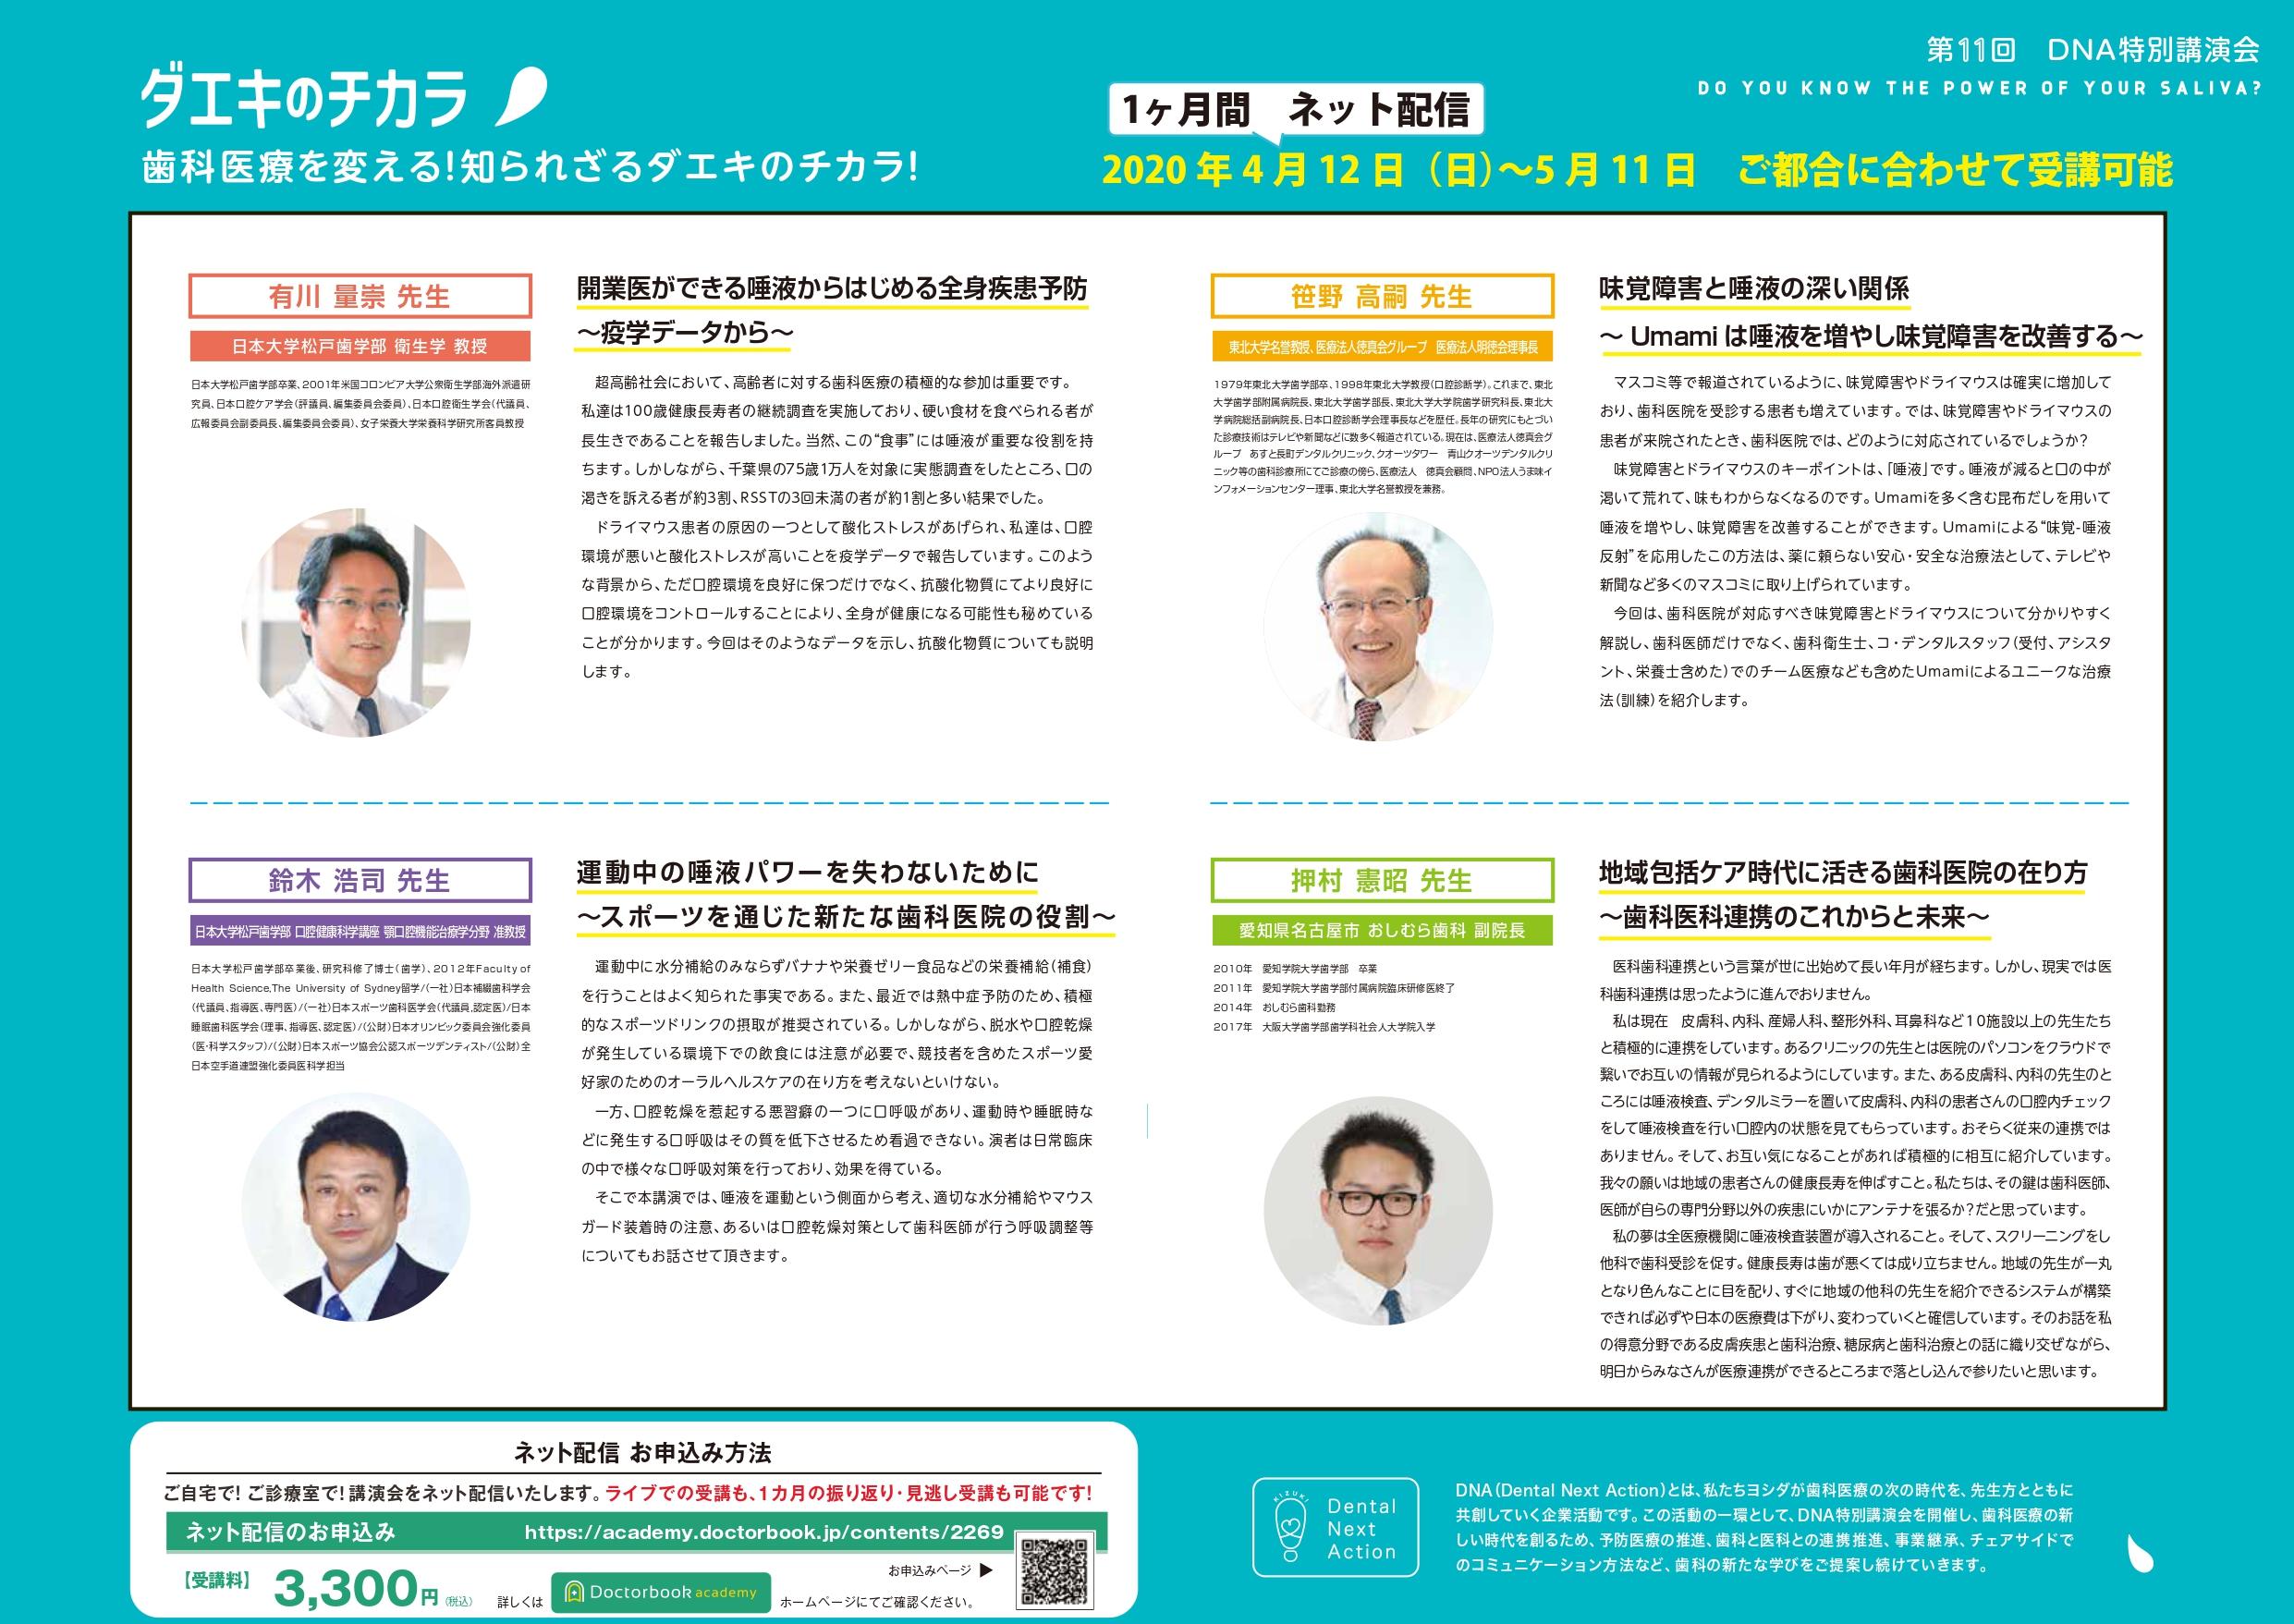 【ライブ配信】「第11回 DNA特別講演会」ダエキのチカラ